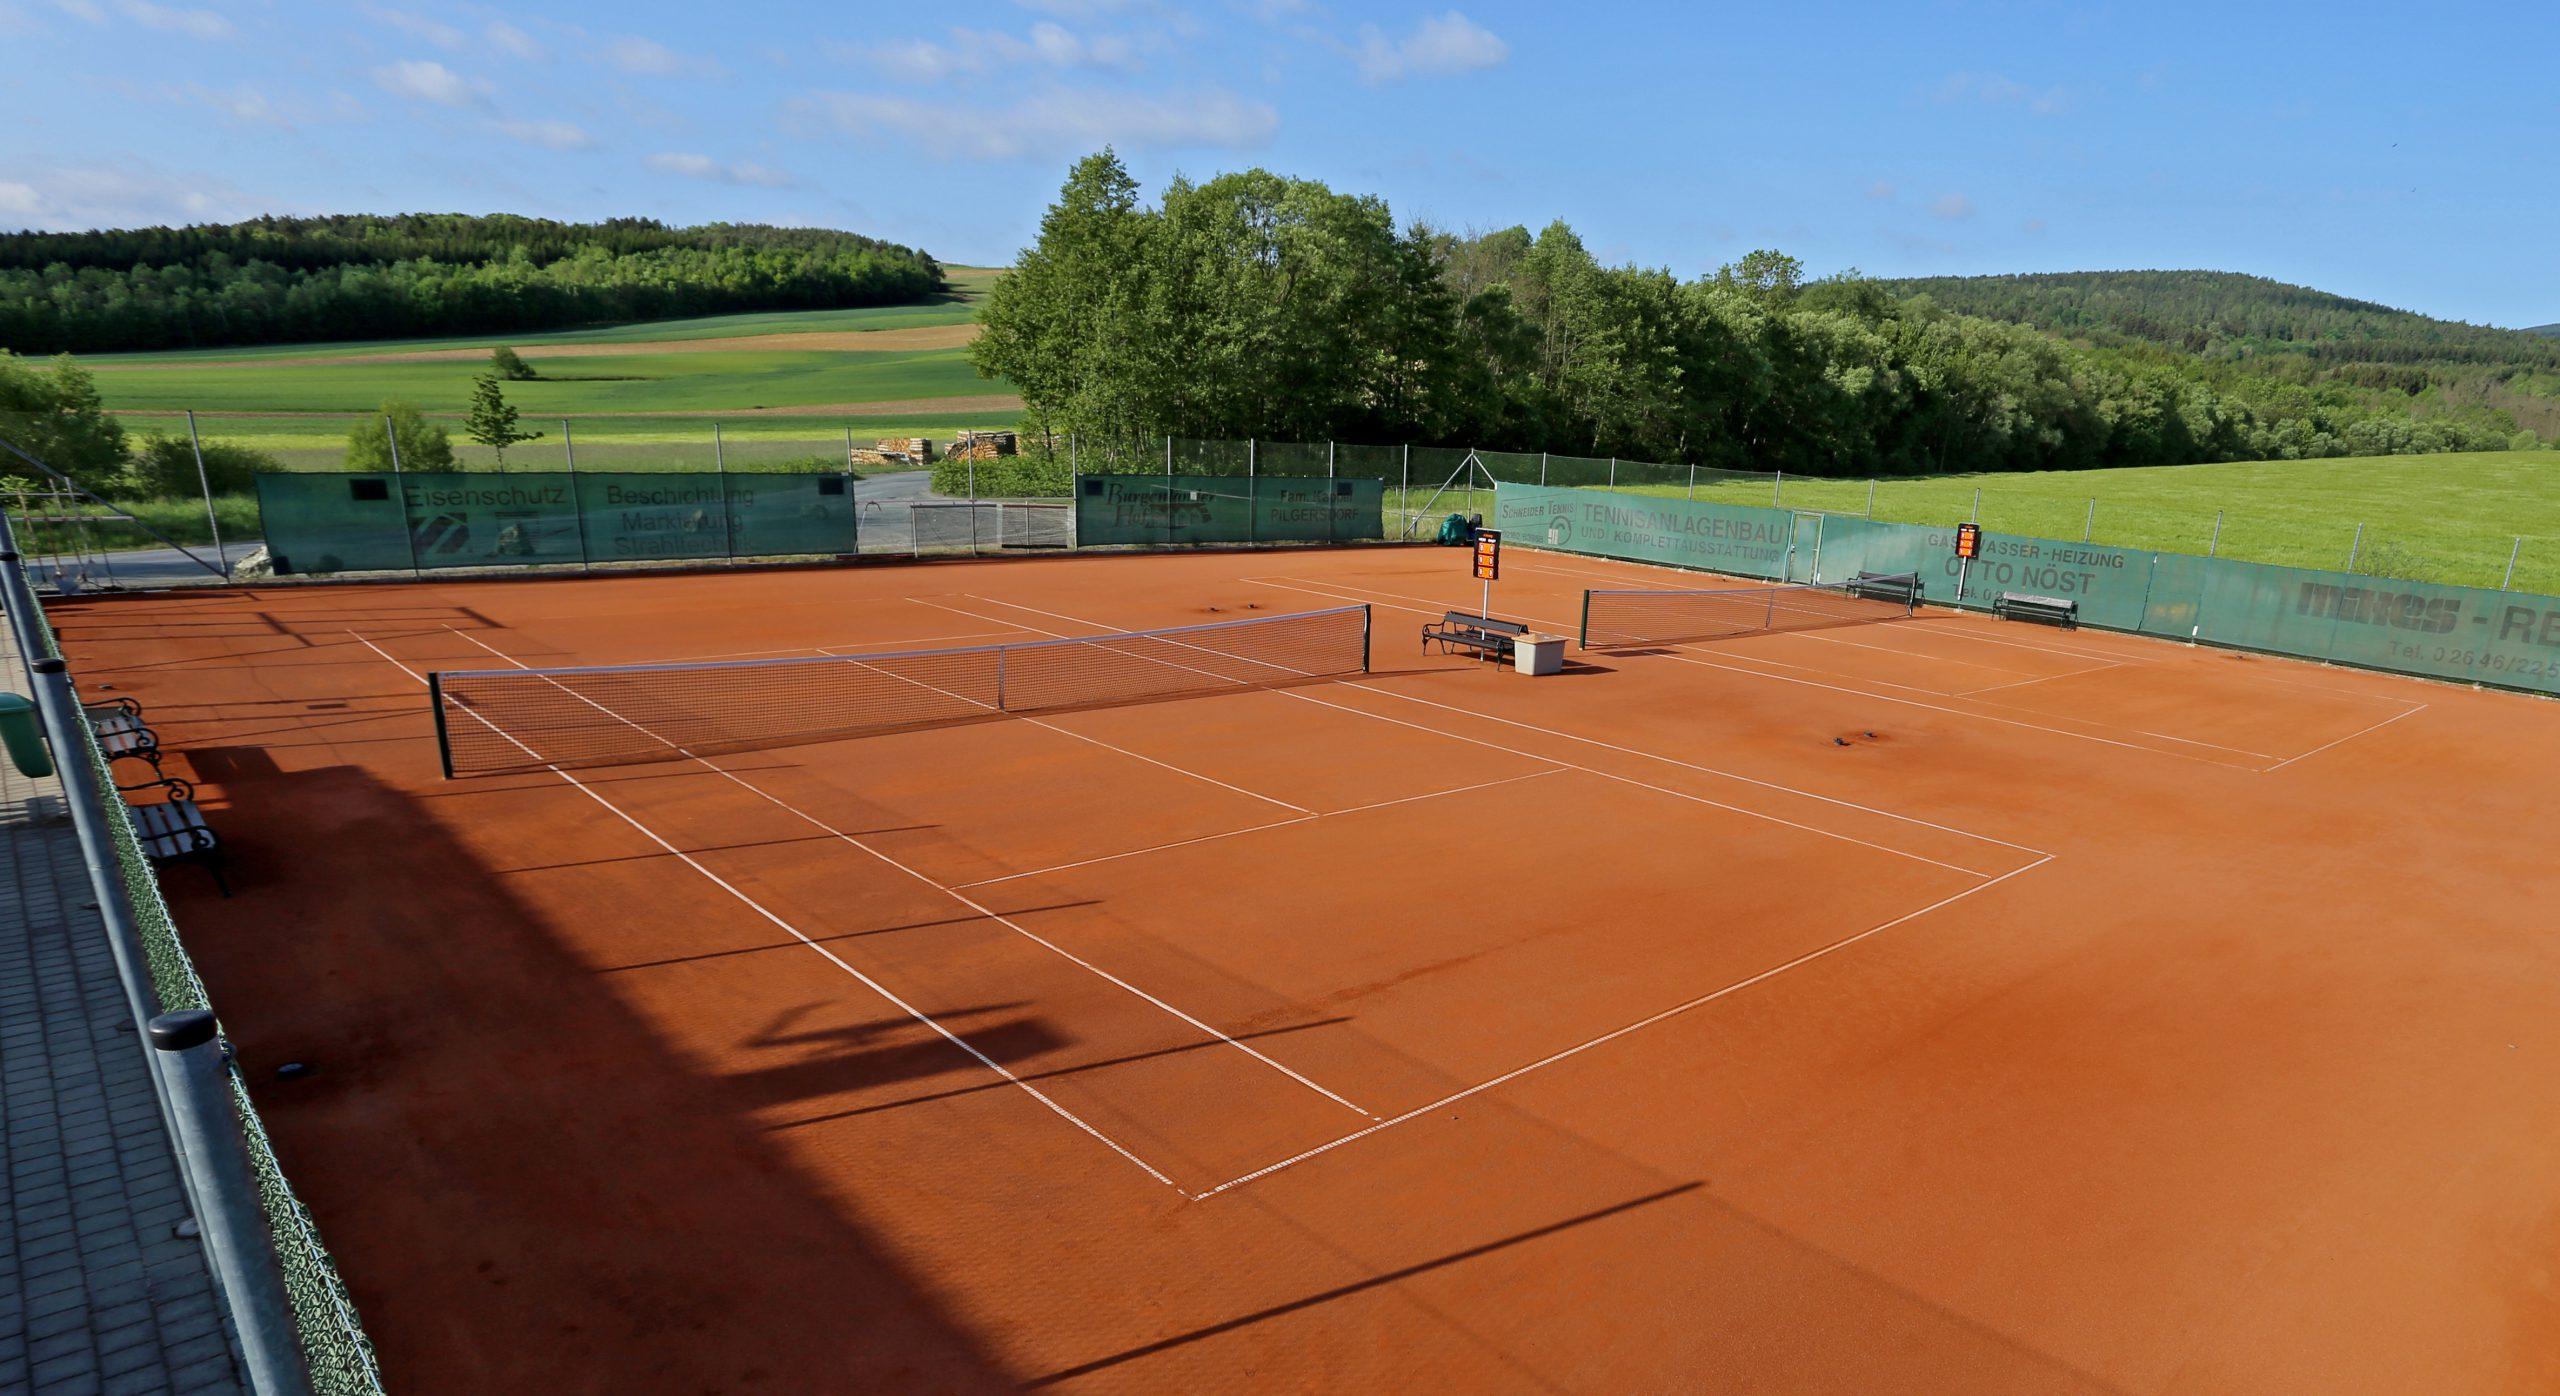 Tennisplatz_neuv1